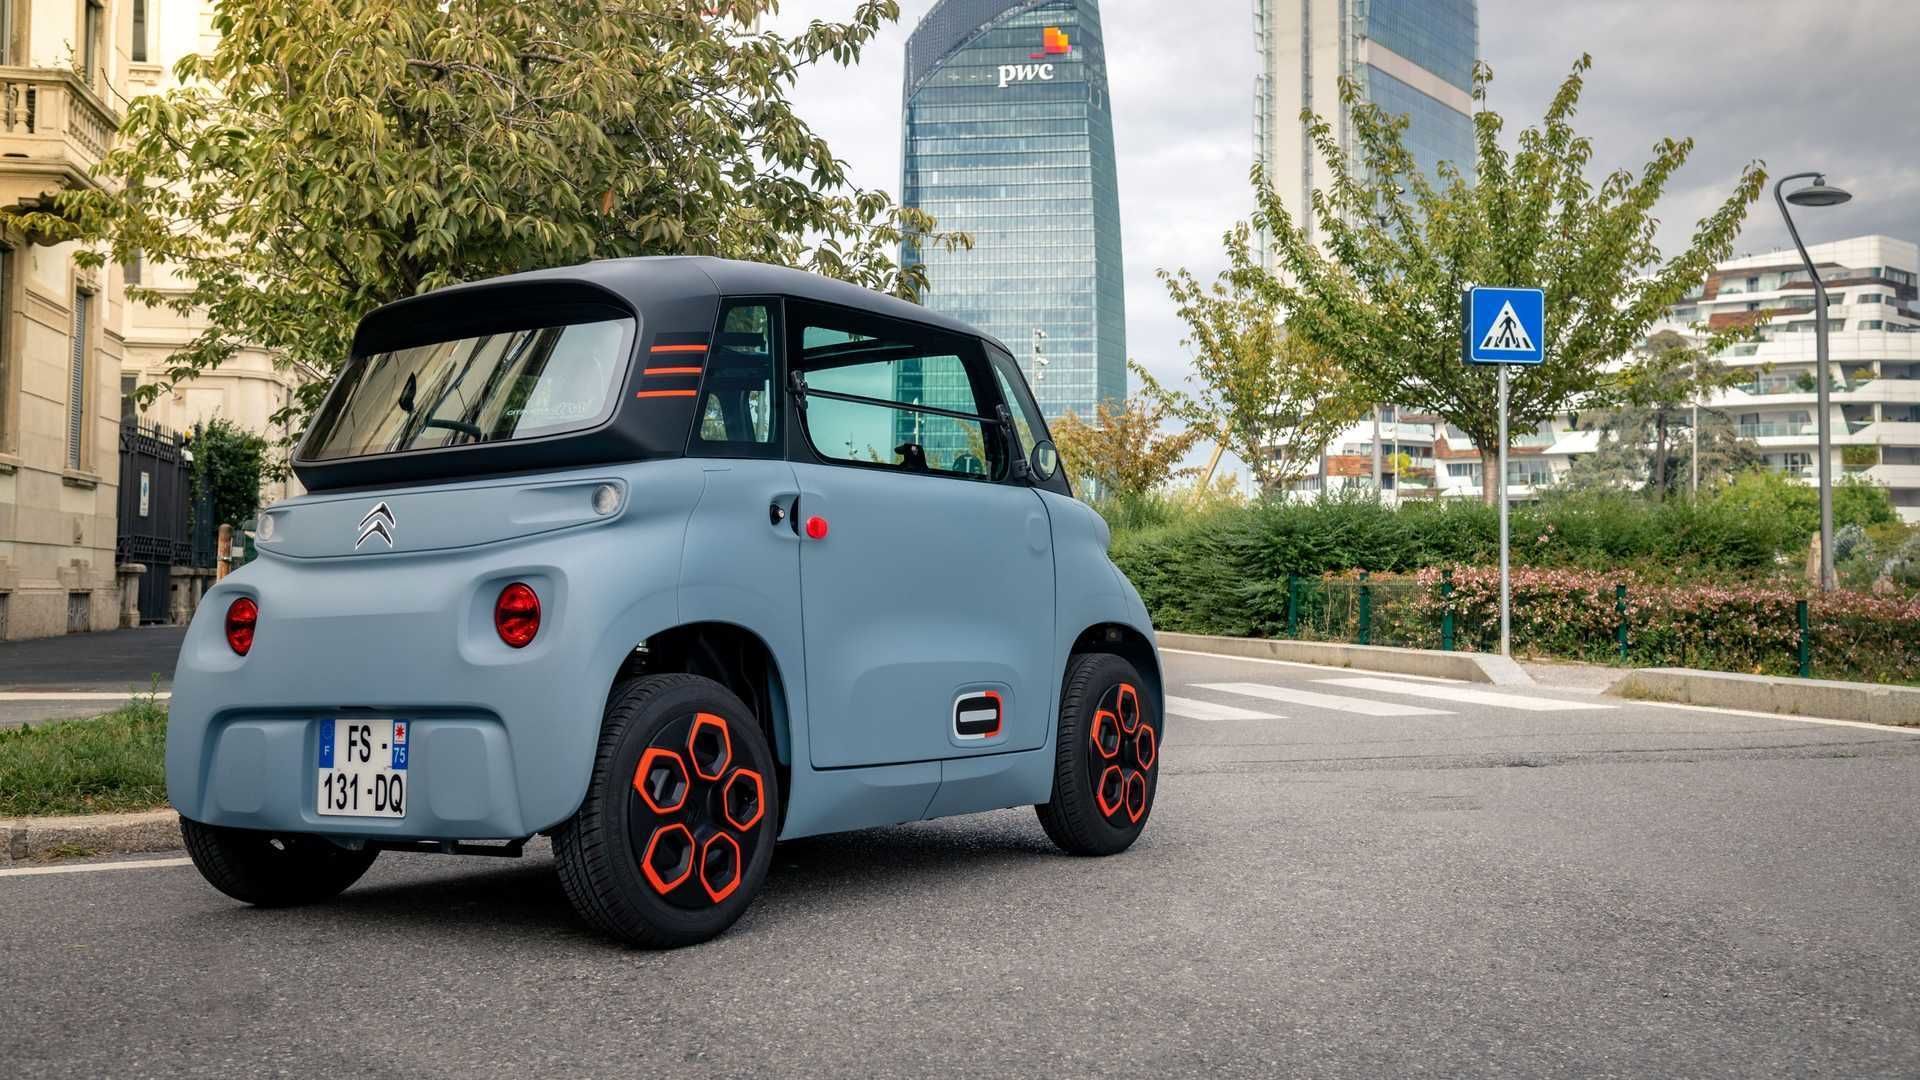 جمع و جورترین خودرو اروپایی در یک قدمی رونمایی